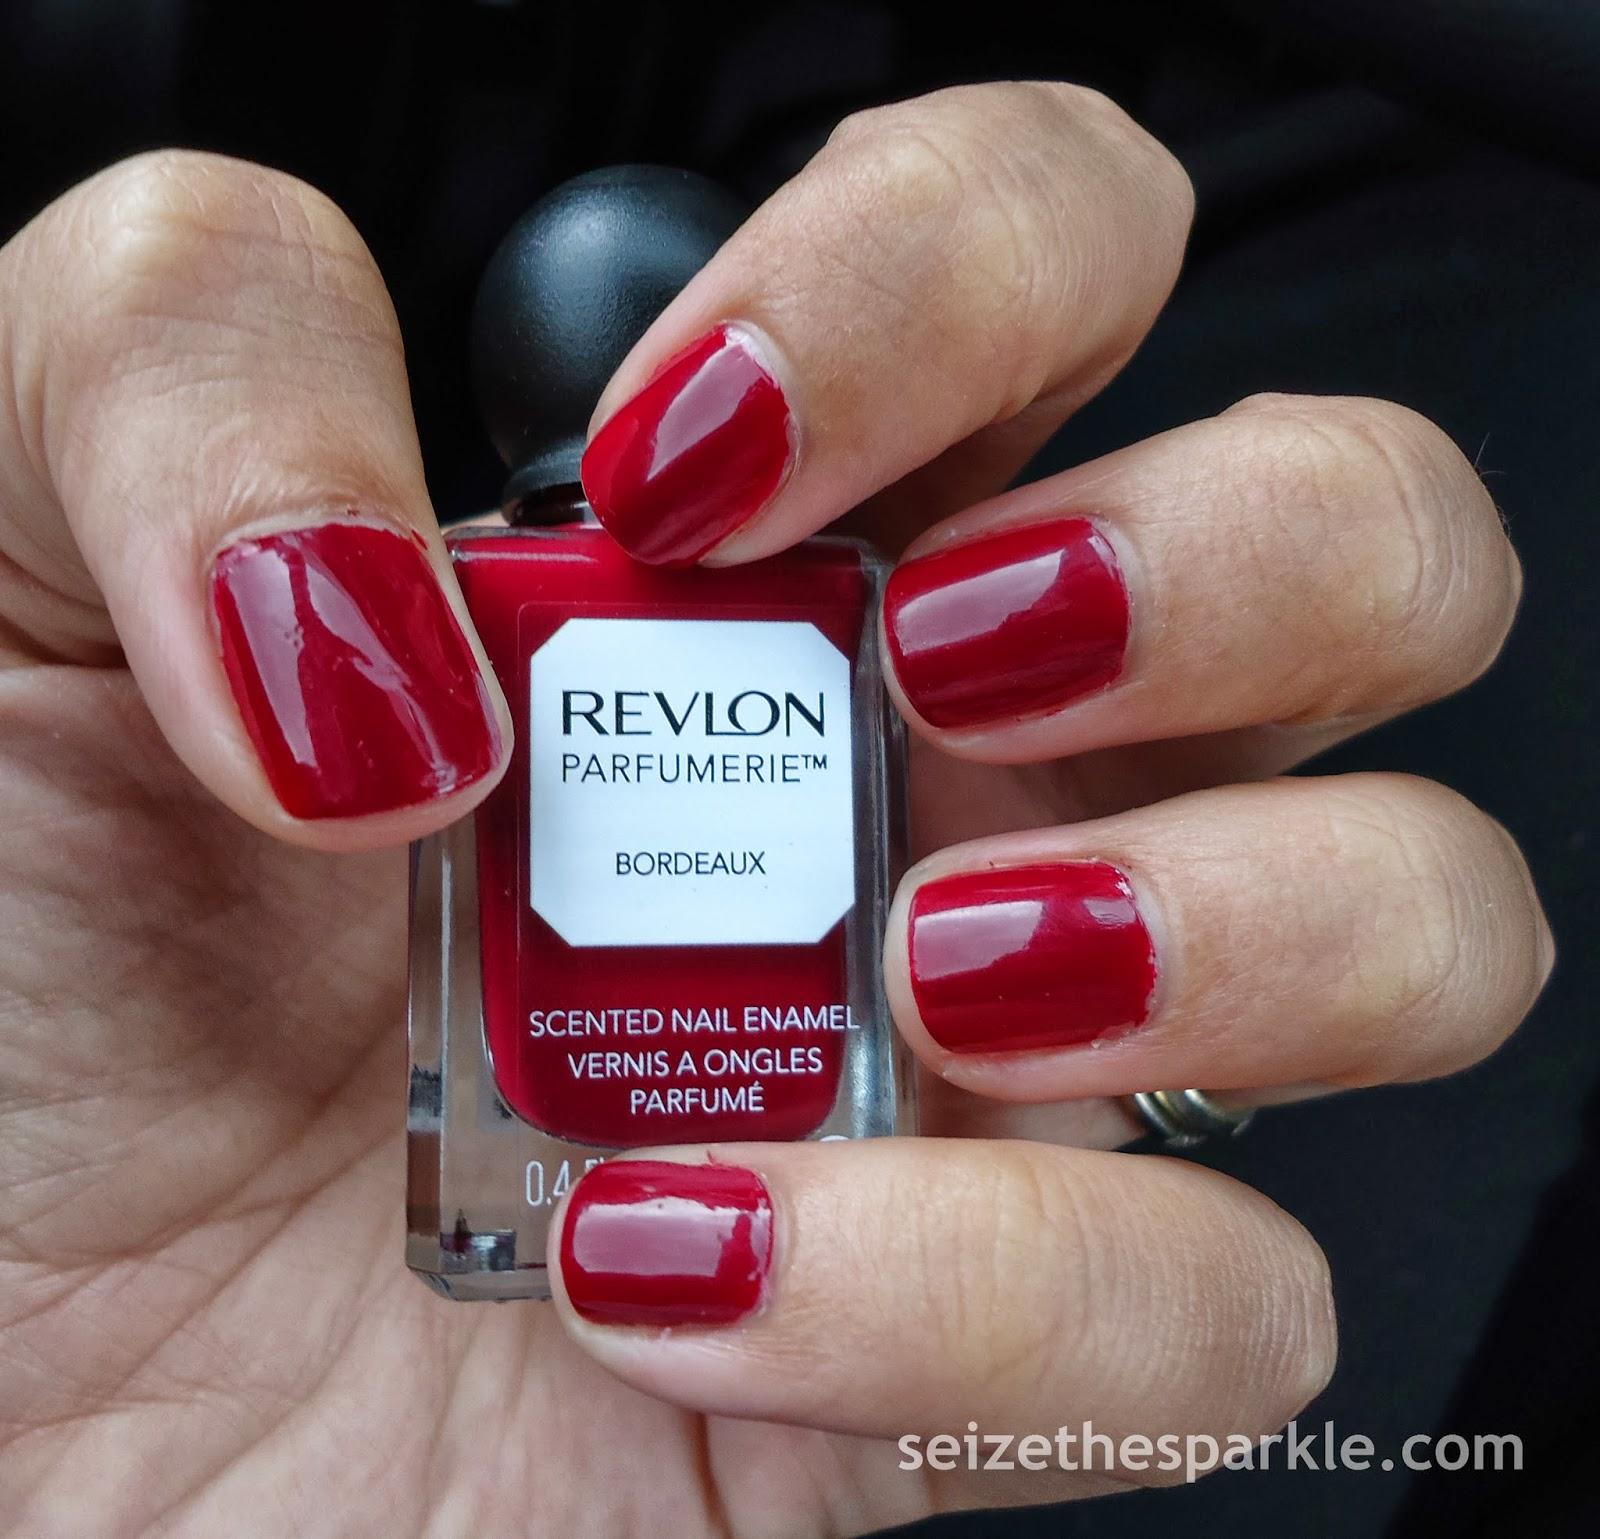 Revlon Bordeaux